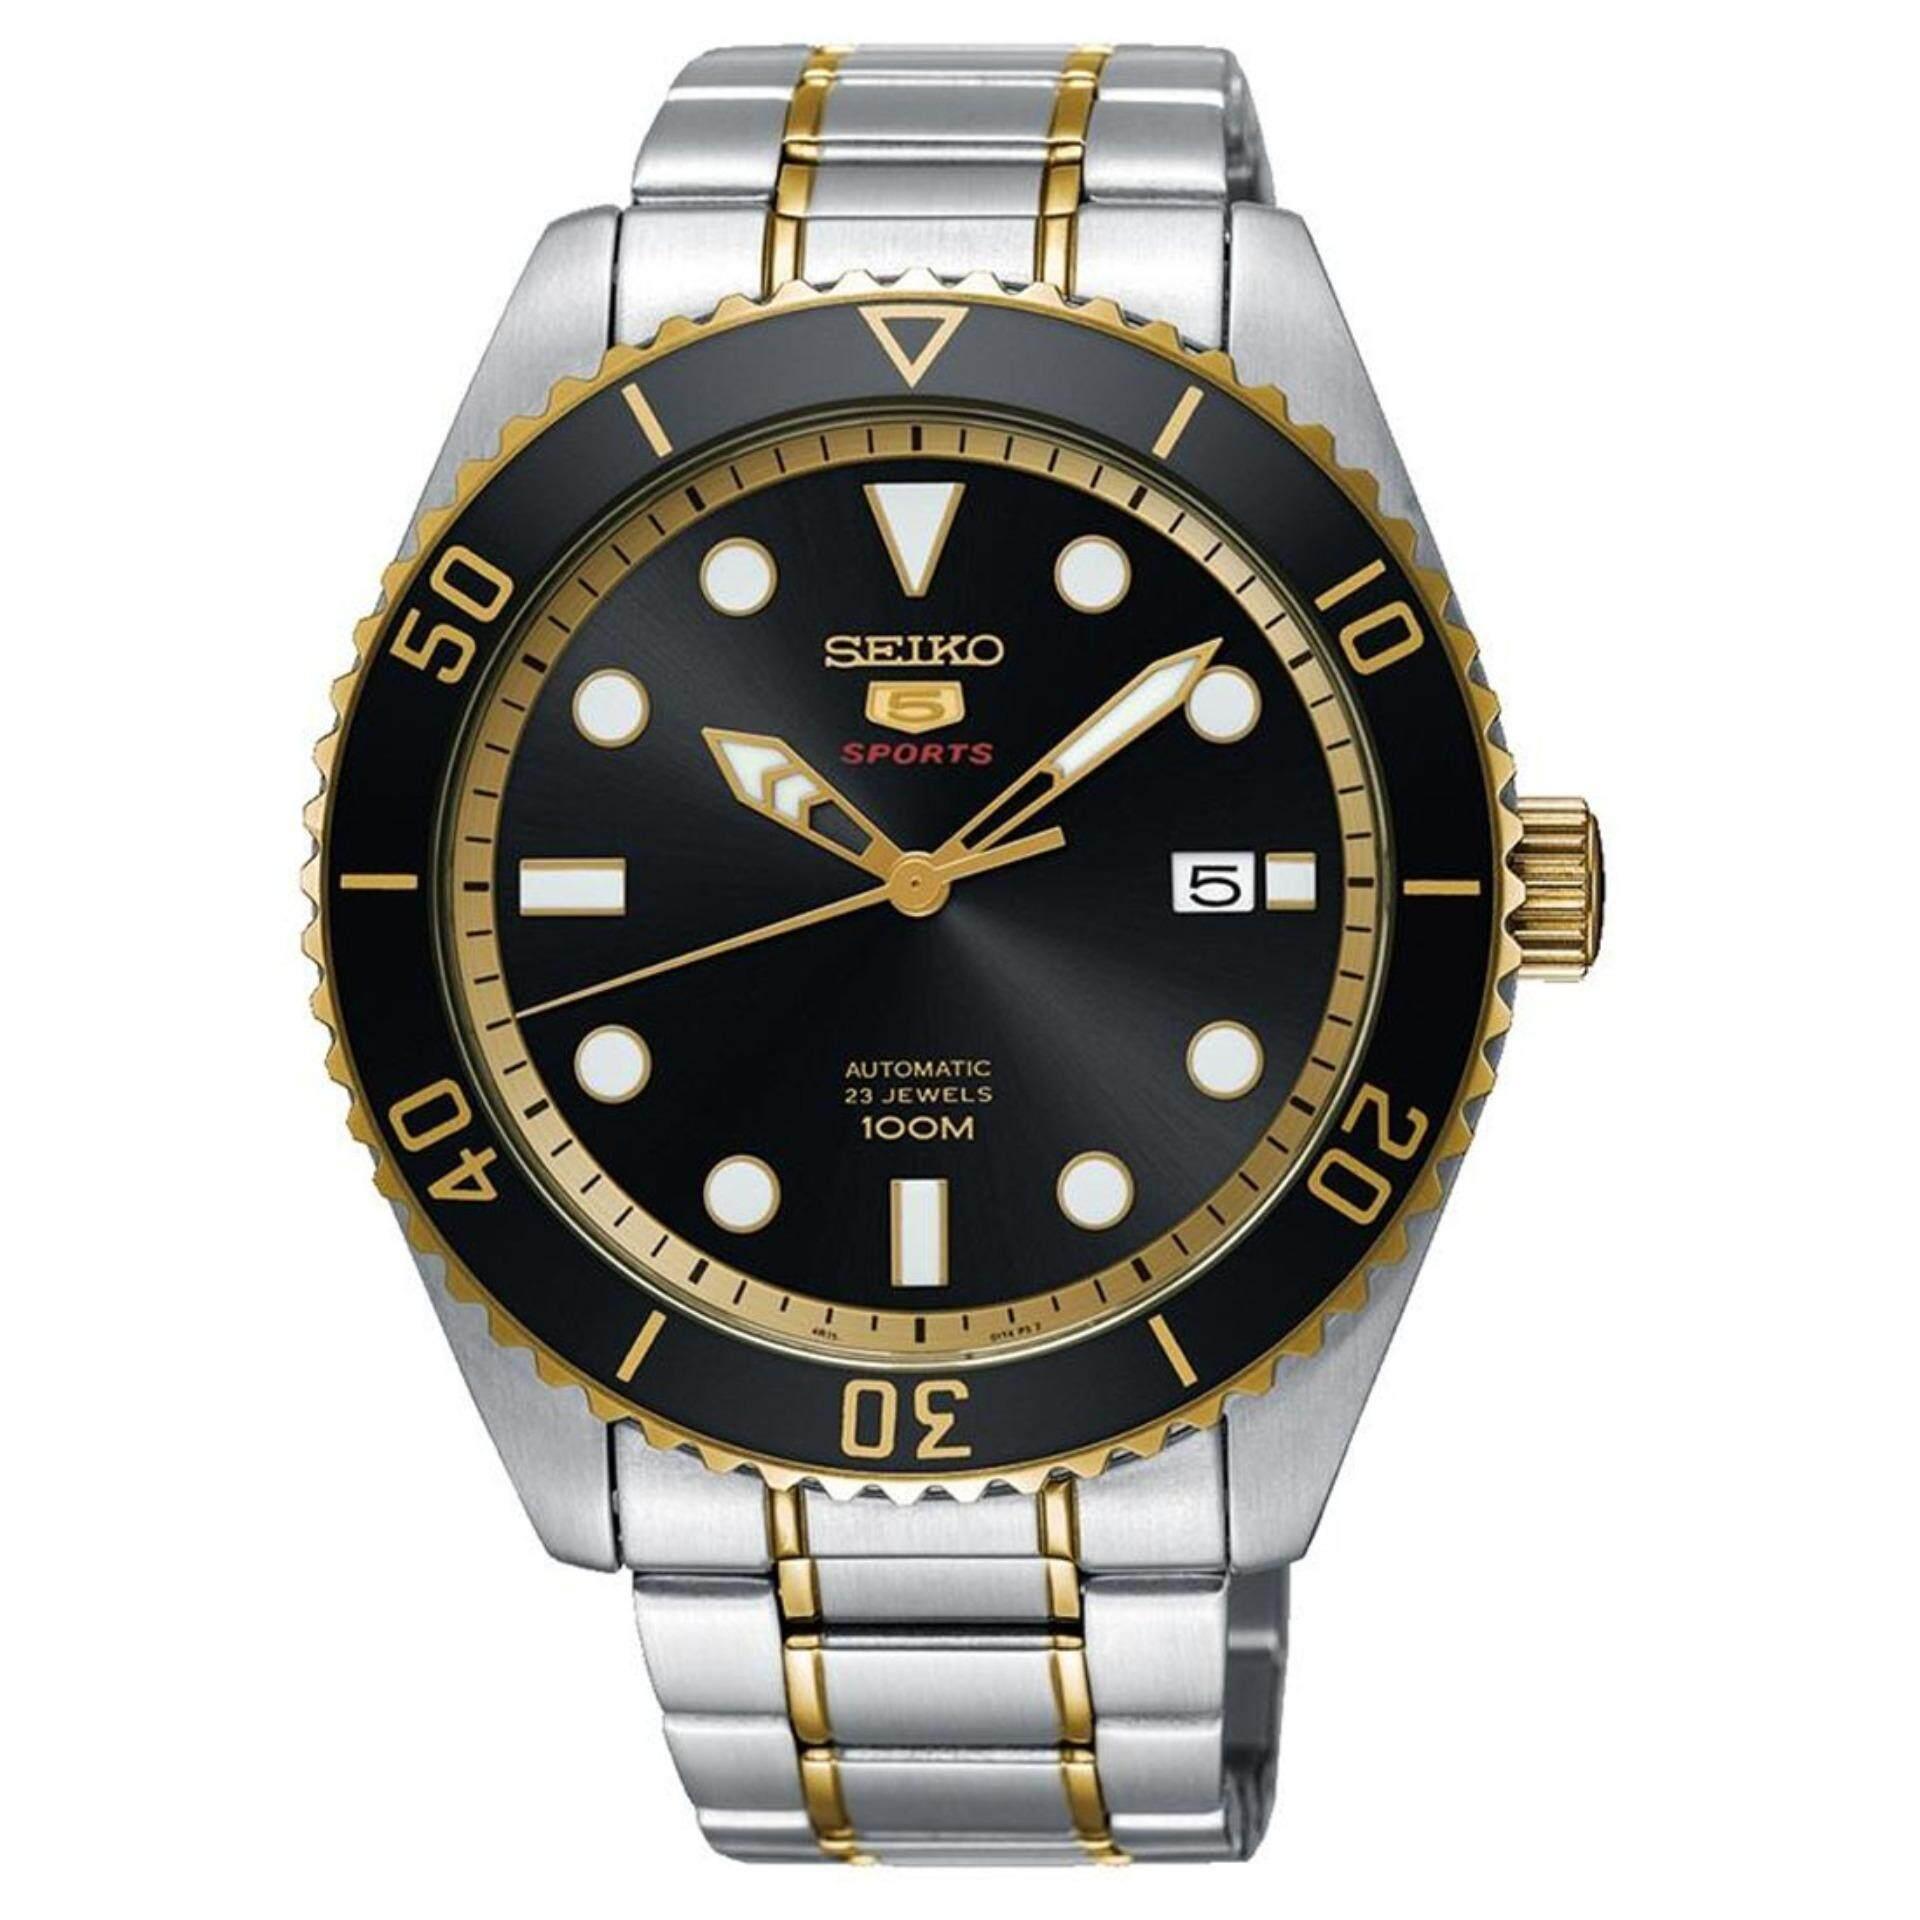 ยี่ห้อนี้ดีไหม  ชุมพร Karnvera Shop SEIKO 5 SPORTS นาฬิกาข้อมือผู้ชาย 23 JEWEL AUTOMATIC WATCH SRPB94J1  (MADE IN JAPAN)